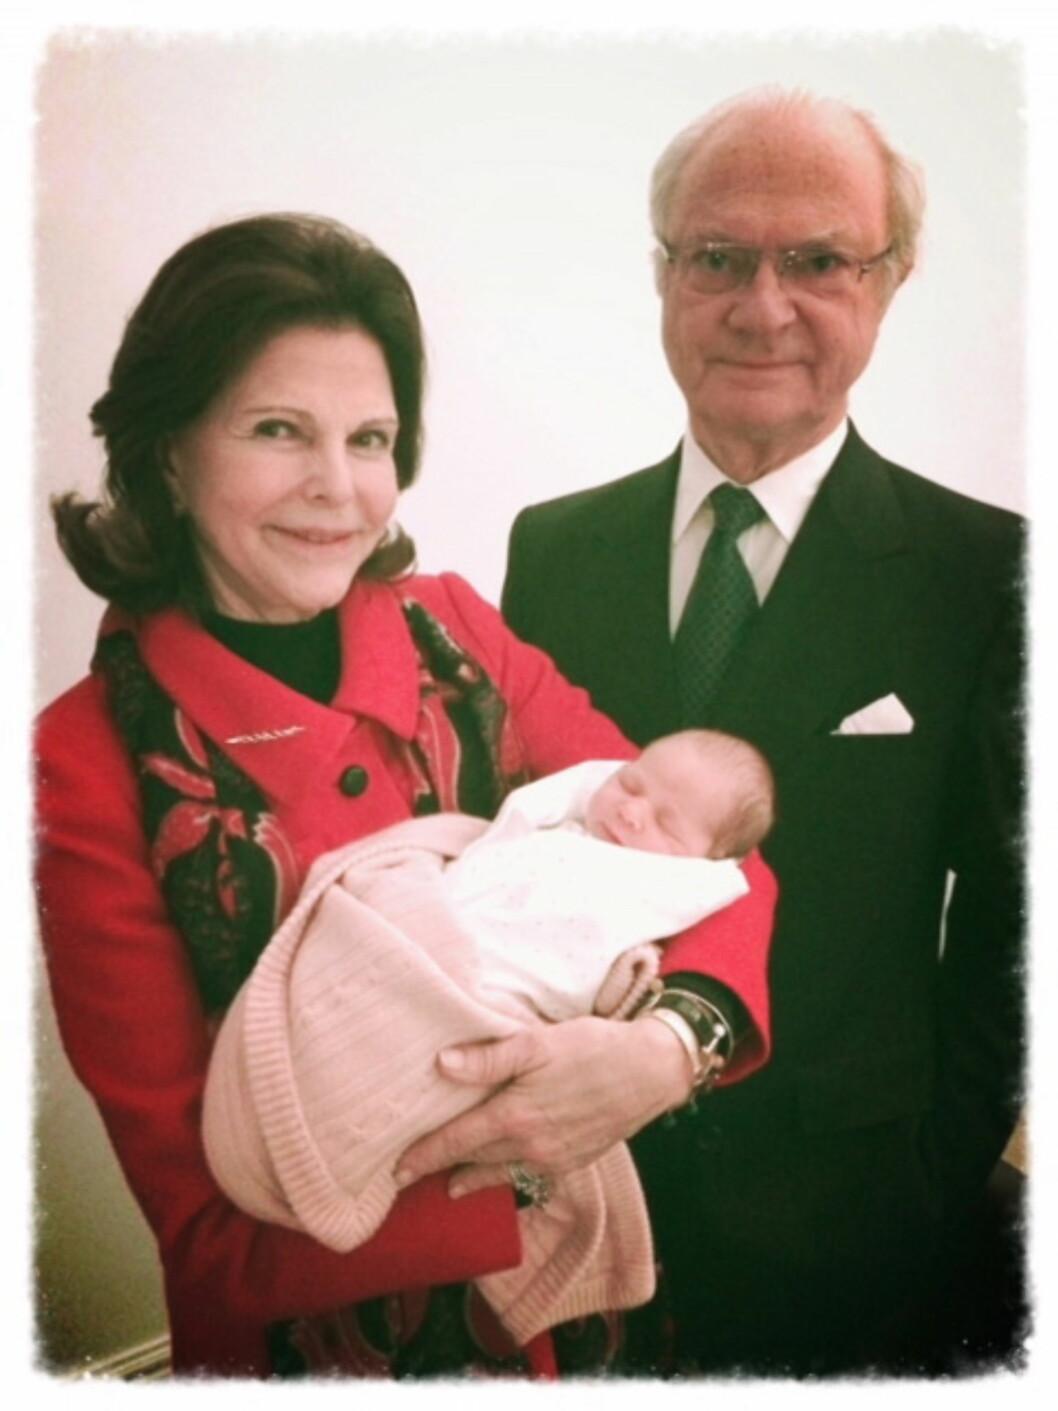 STOLTE BESTEFORELDRE: Da prinsesse Leonore kom til verden 20.februar for halvannet år siden, dro kongeparet som vi ser her sporenstreks til New York for å hilse på barnebarnet. Nå er de bare en liten kjæretur unna.  Foto: kungahuset.se